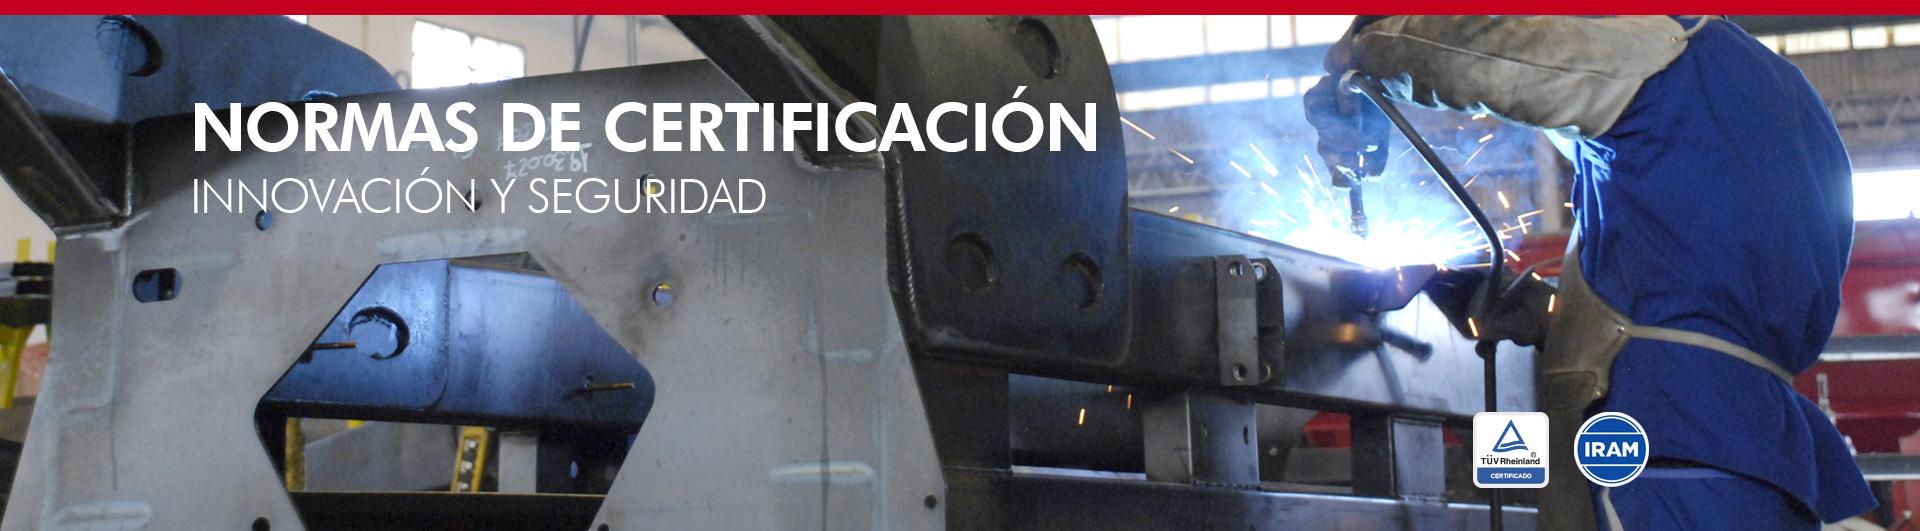 cestari-certificaciones